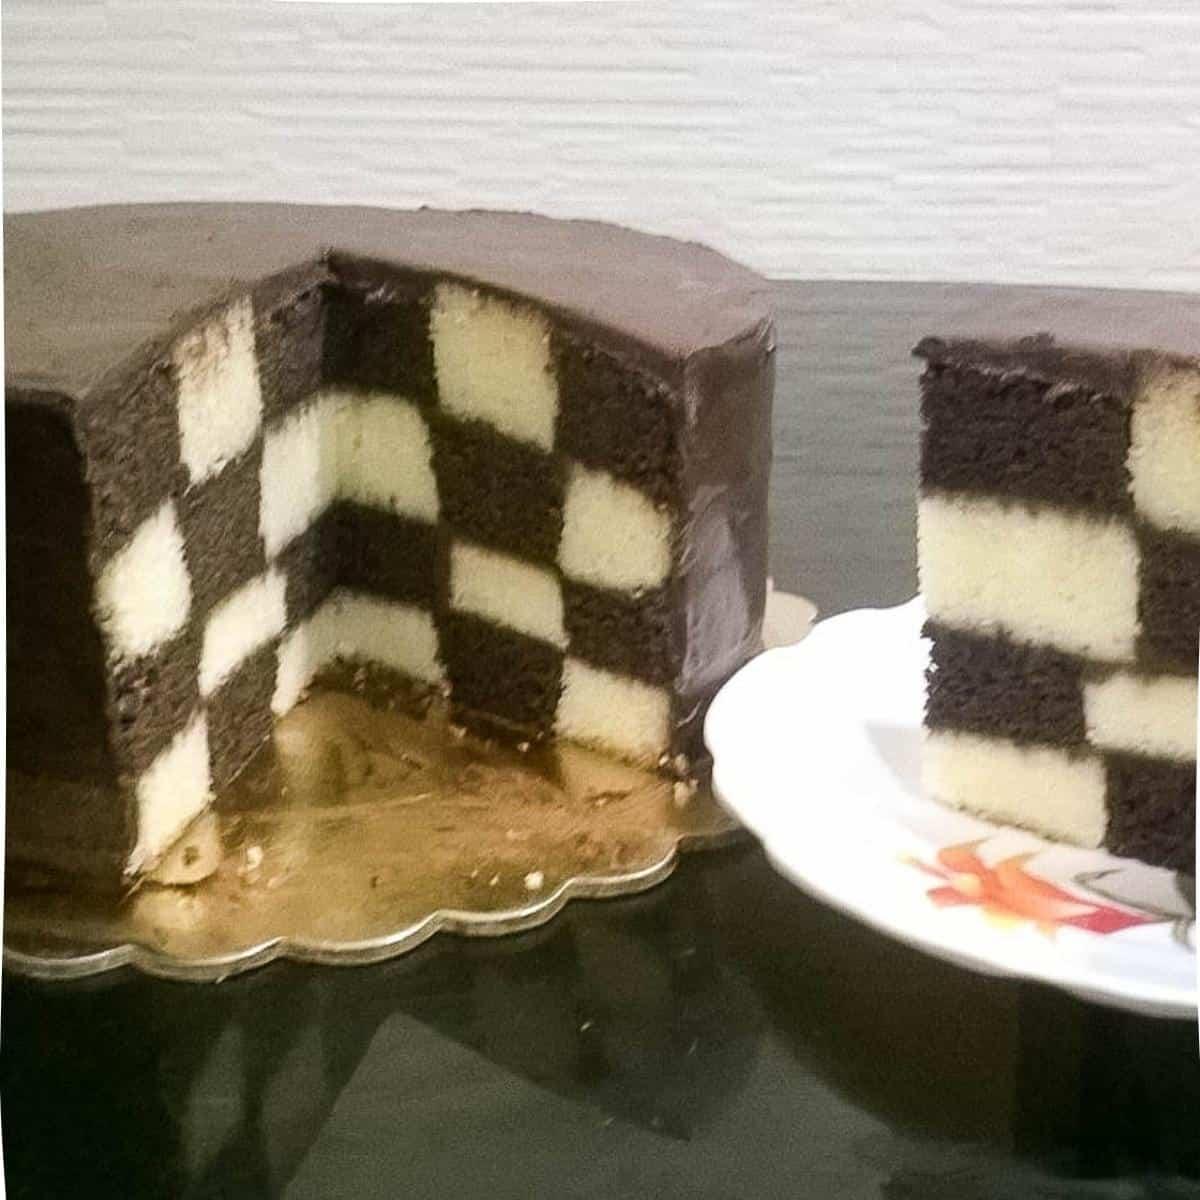 Cut checker board cake